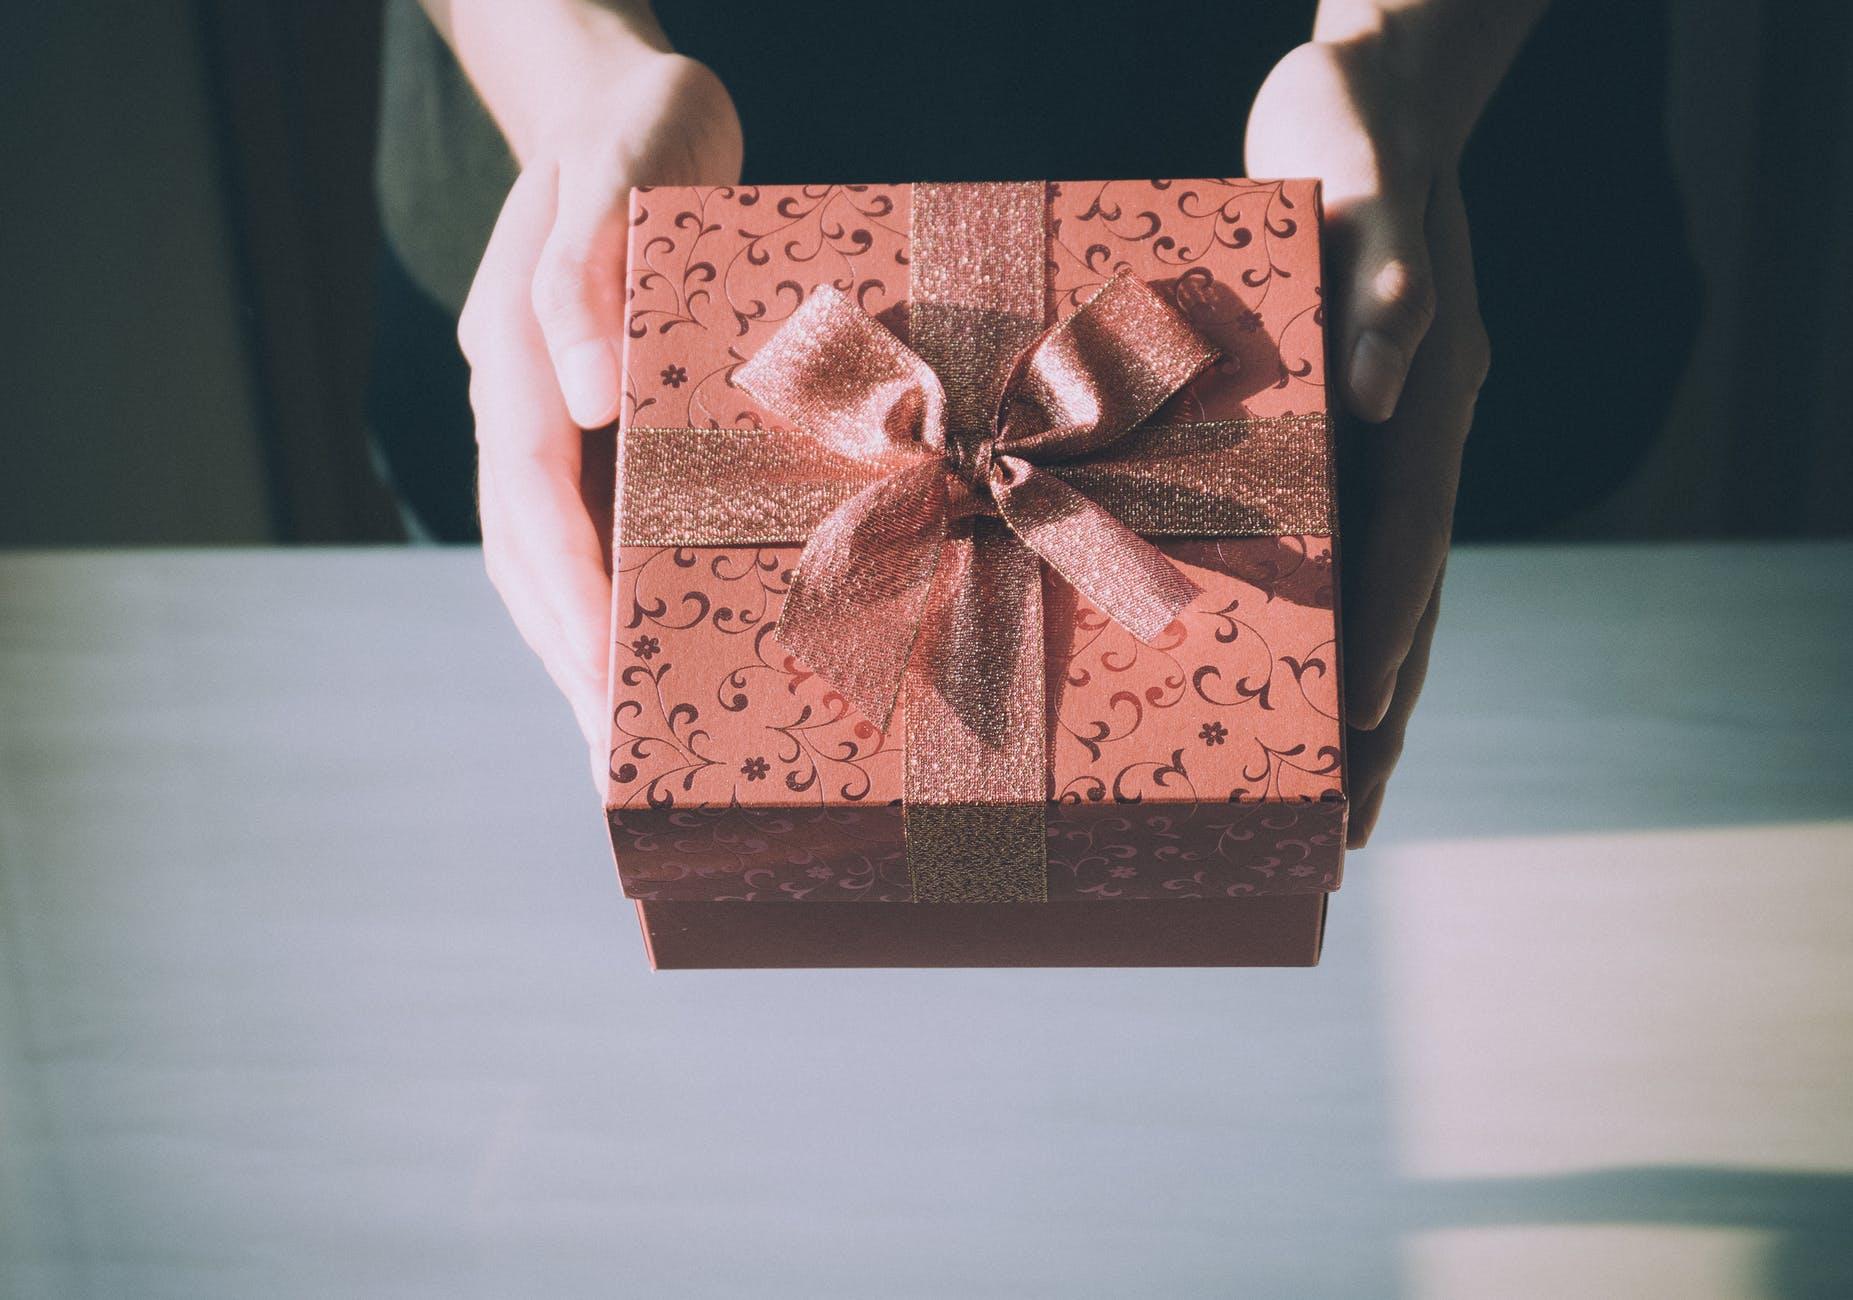 Dlaczego karty podarunkowe to dobry pomysł na prezent? - Zdjęcie główne